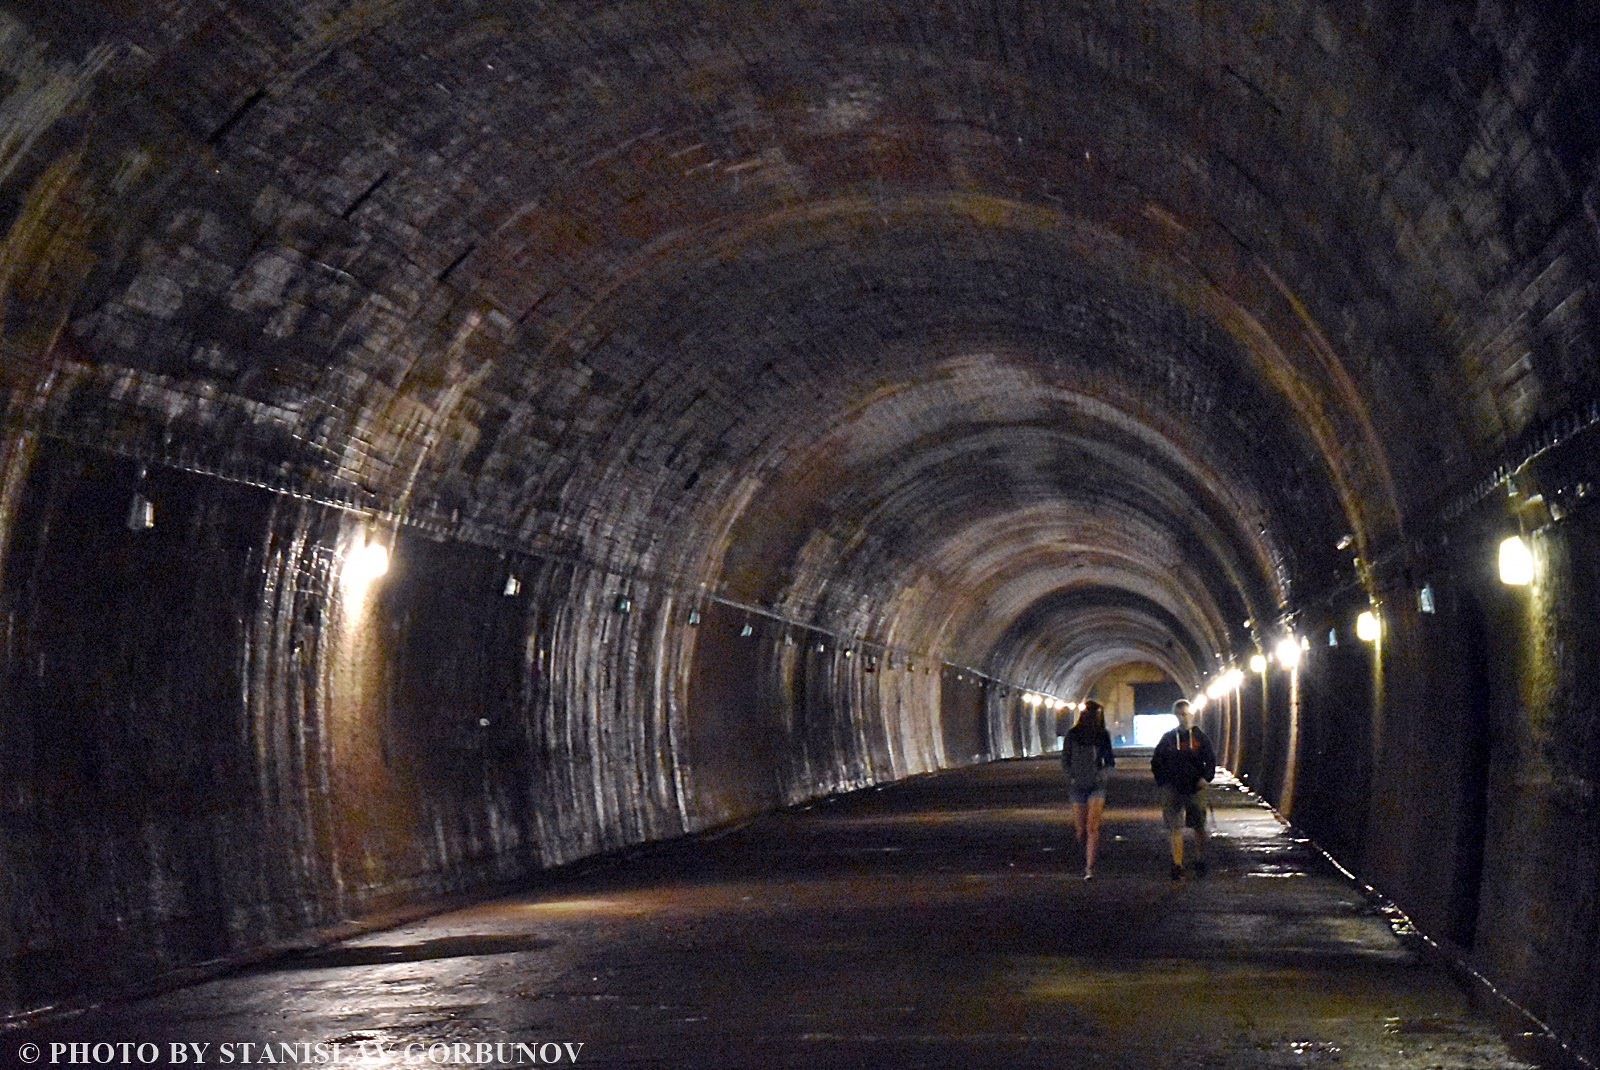 Уникальные железнодорожные бункеры Третьего Рейха в Польше